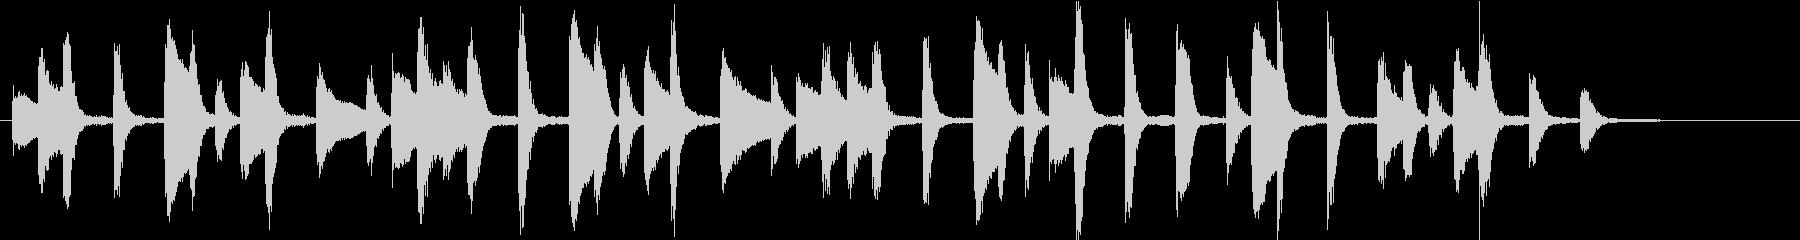 おちゃめで可愛らしい ピアノのジングルの未再生の波形